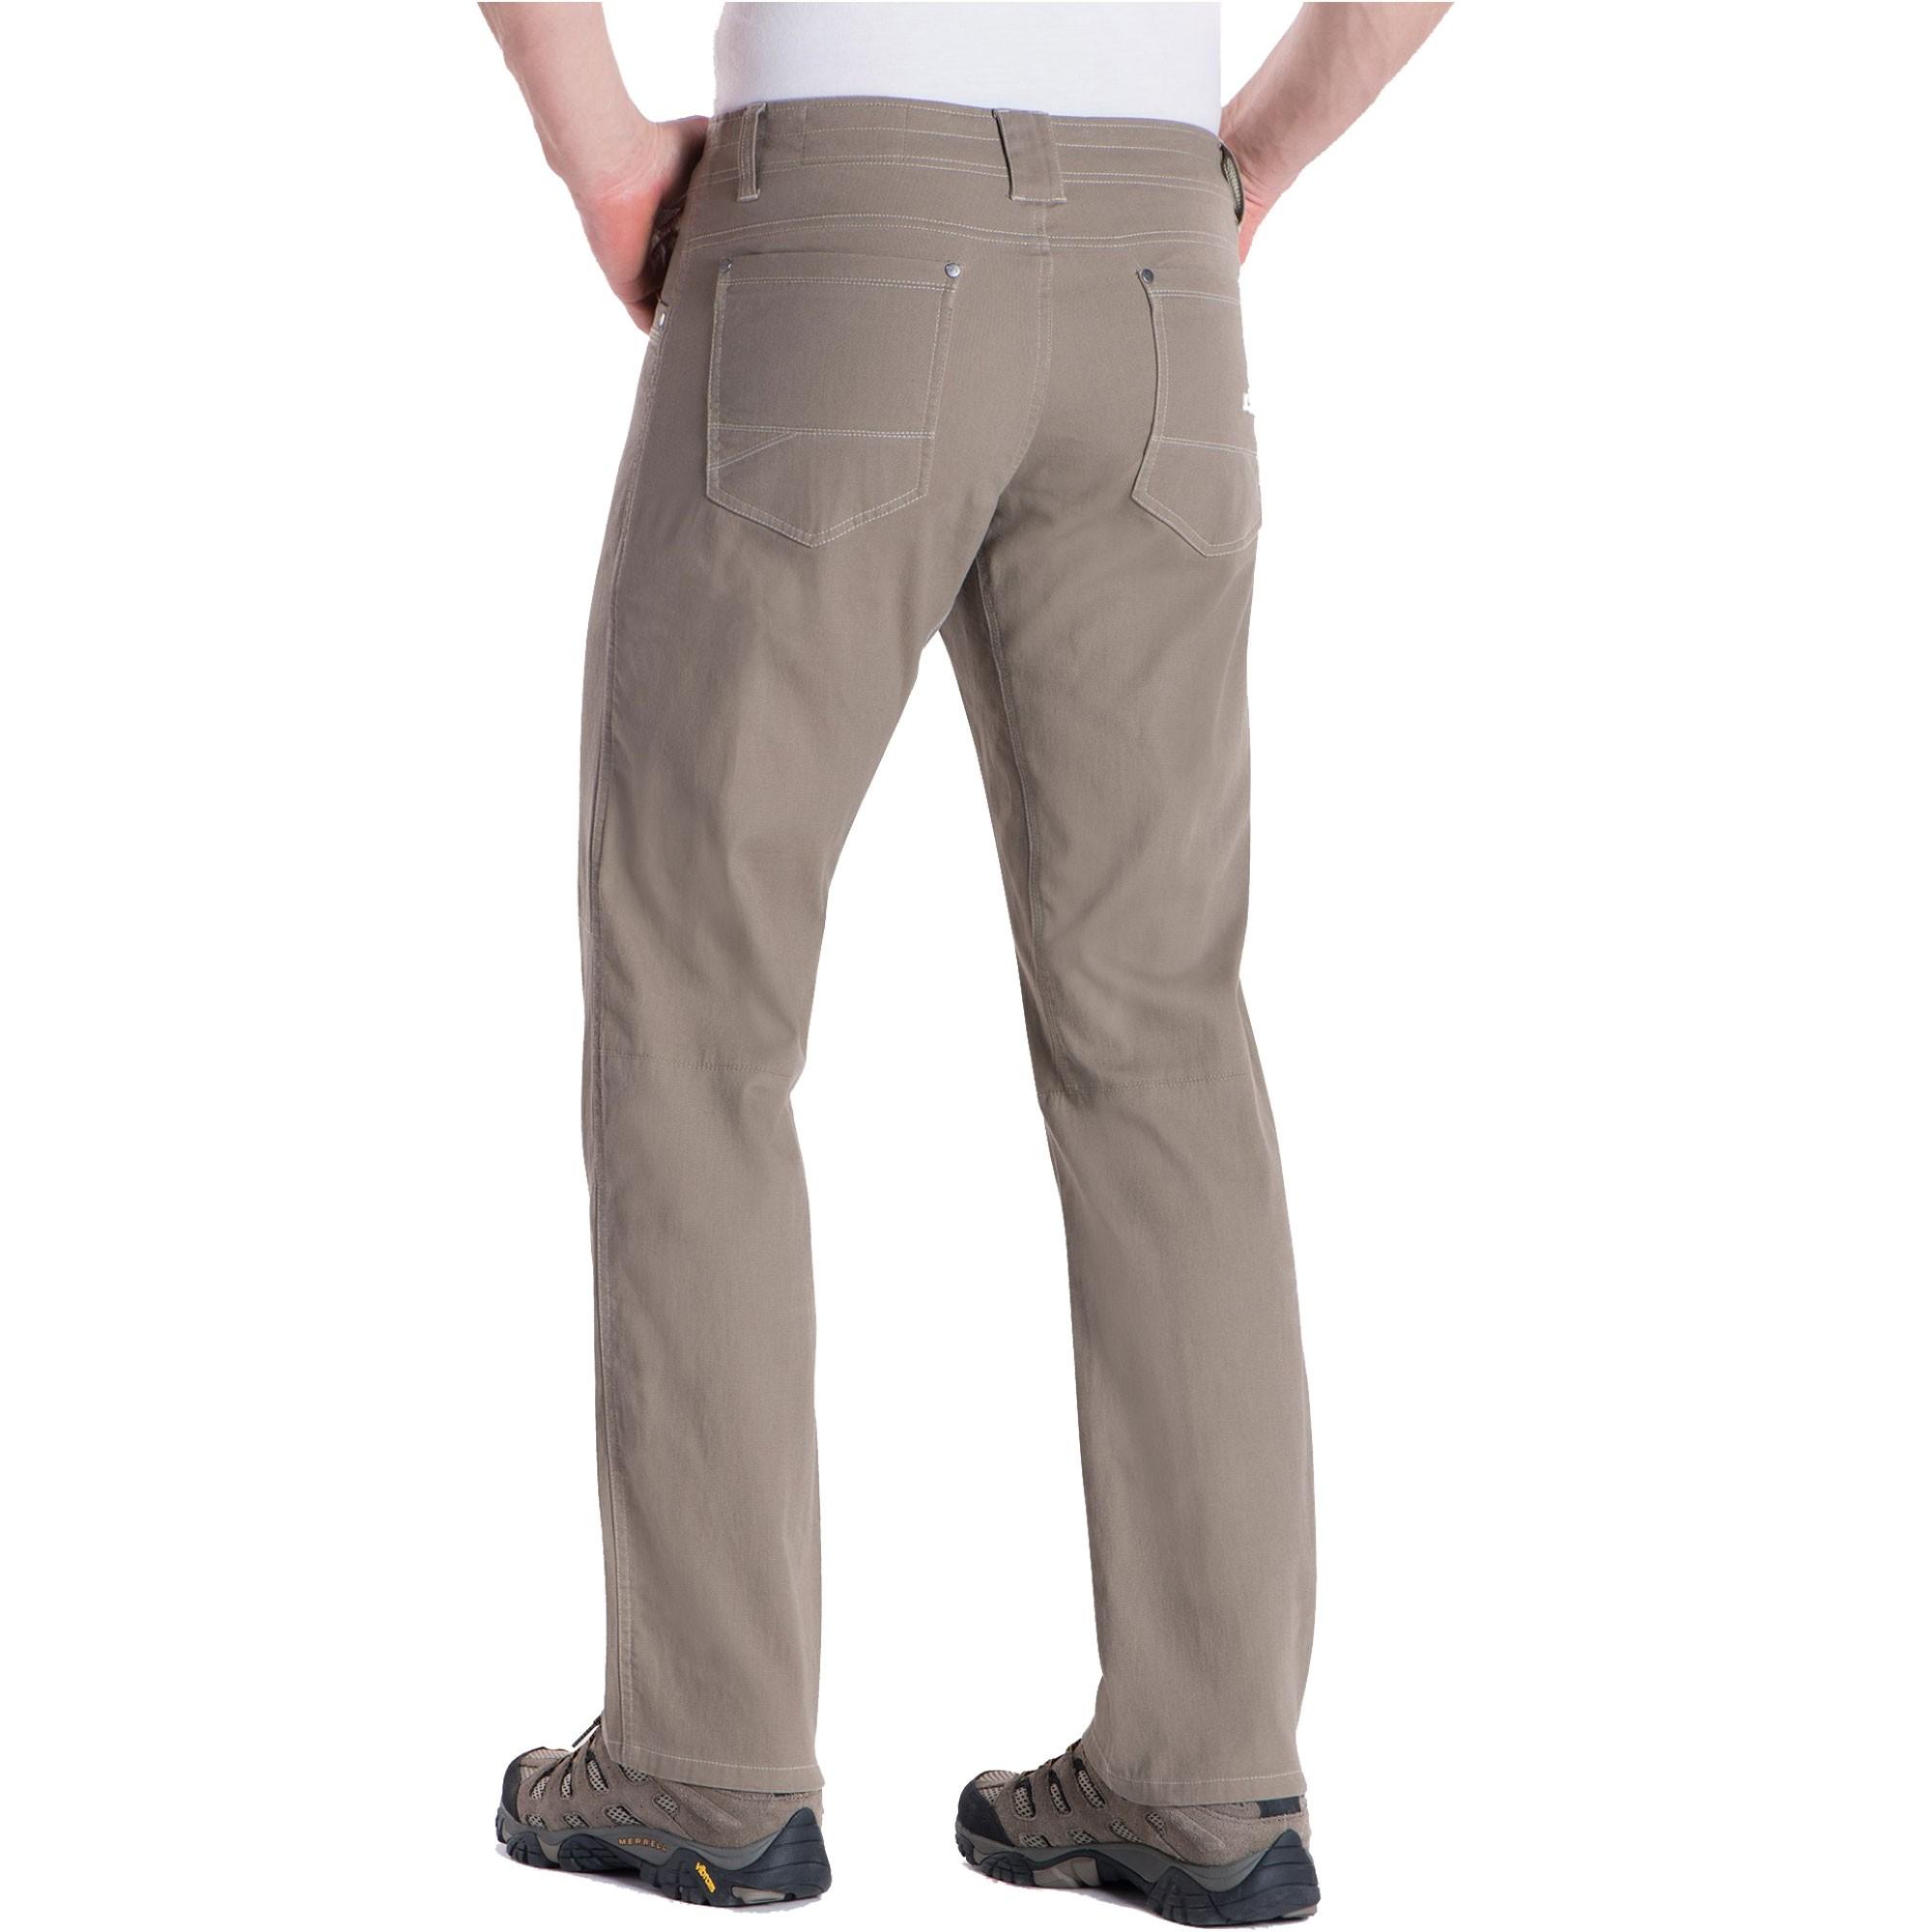 Kuhl Men's Kanvus Jeans 5114 Back - Khaki